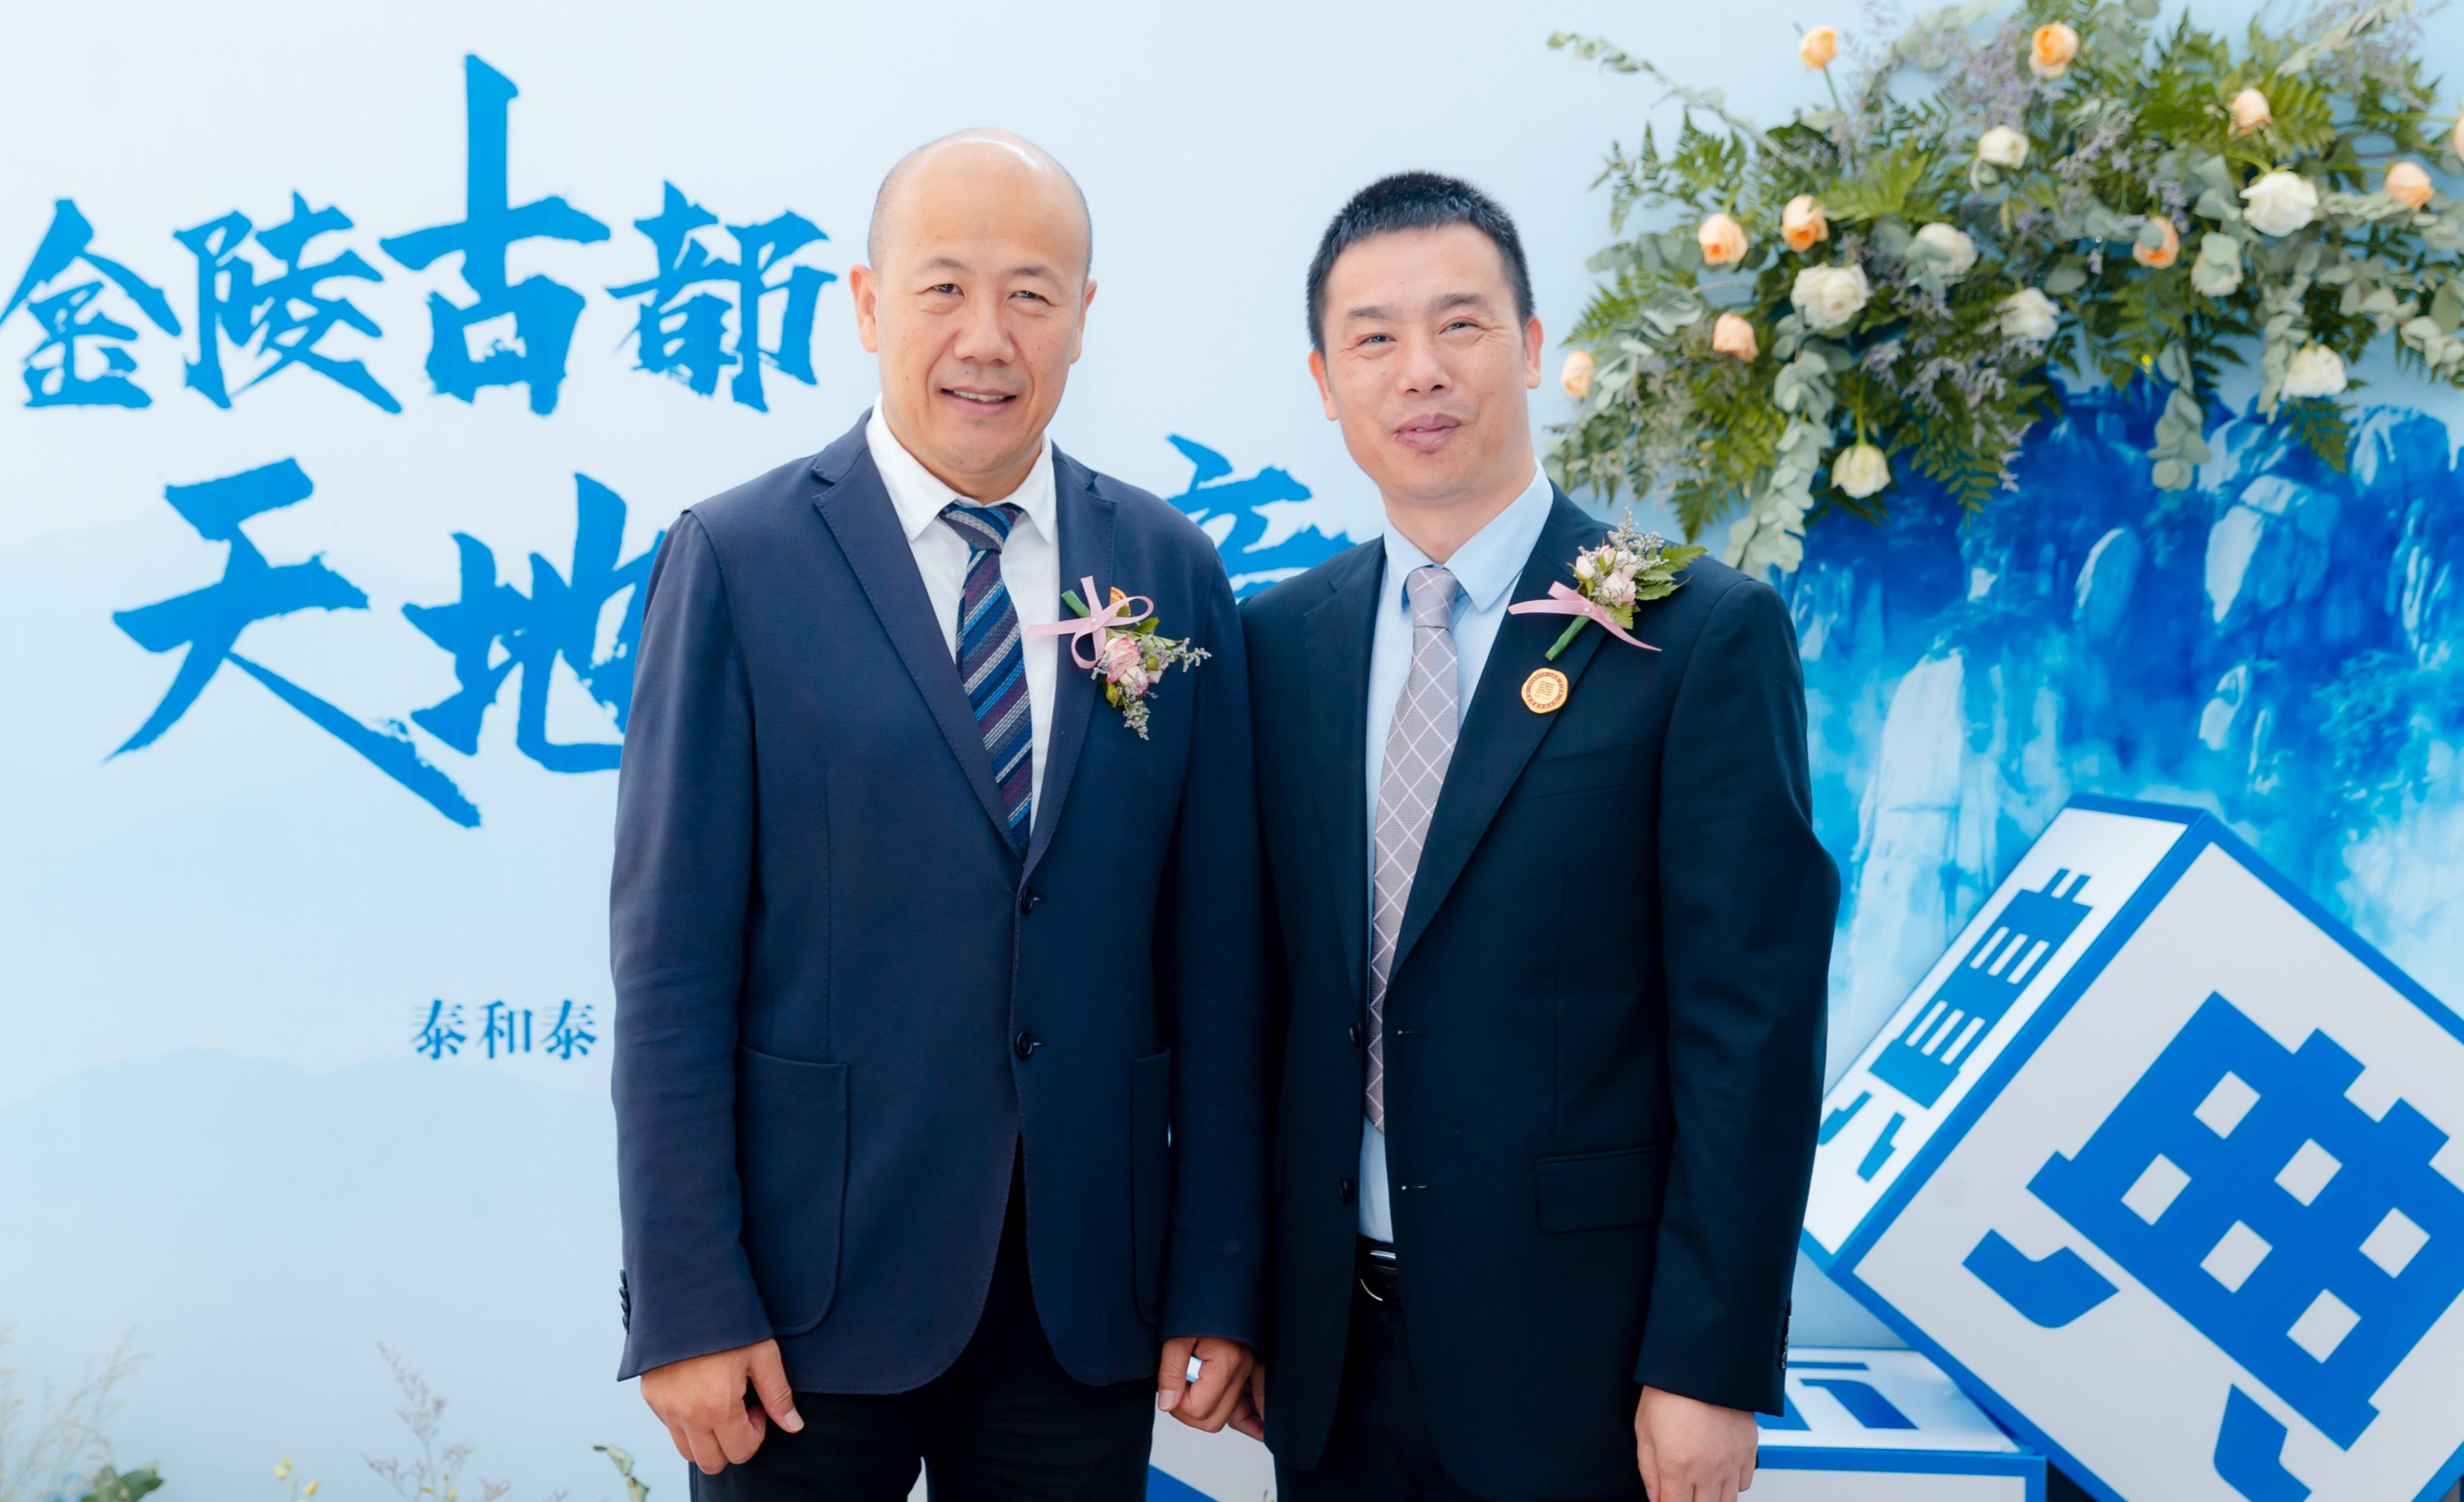 泰和泰南京办开业与程守太首席合影